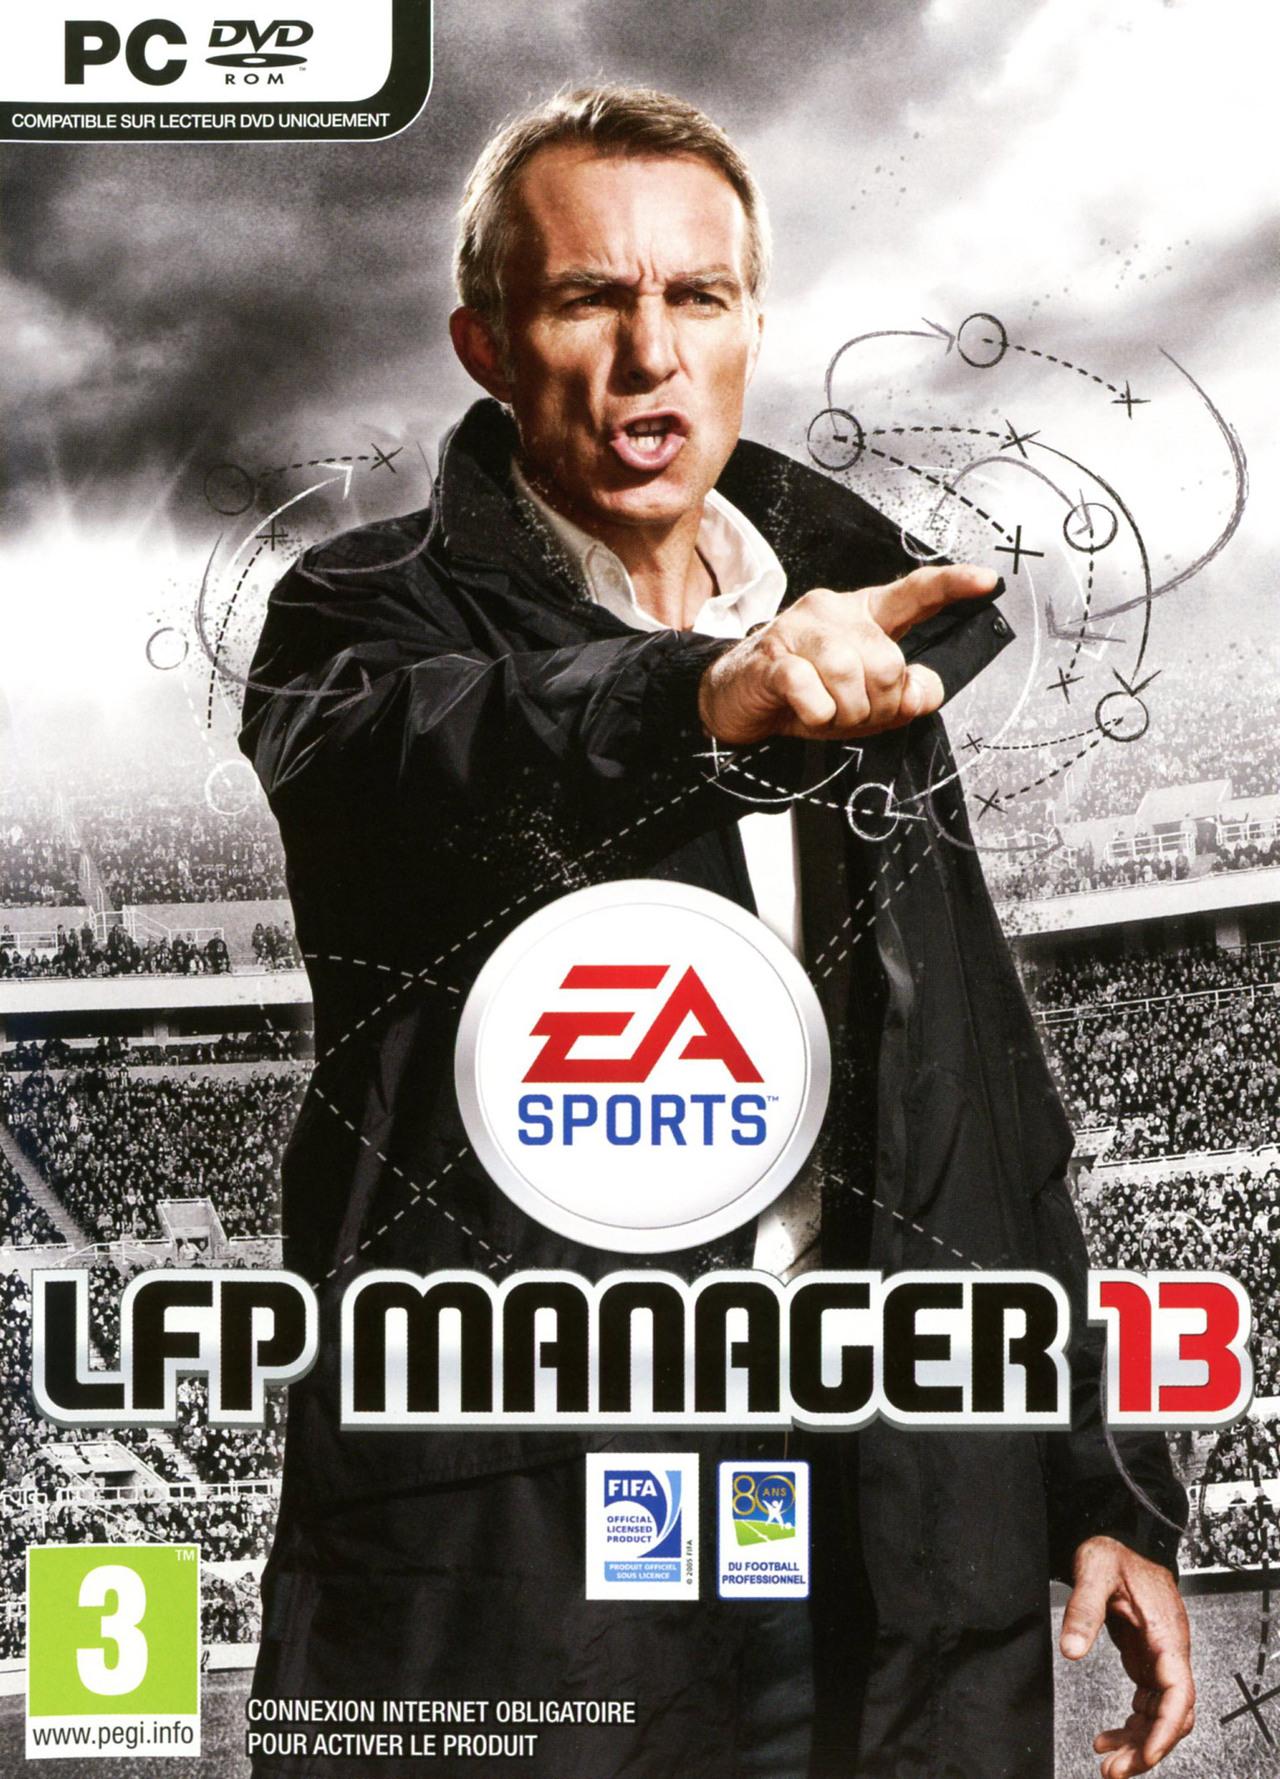 Вы покупаете официальный ключ игры FIFA Manager 13 от компании EA в